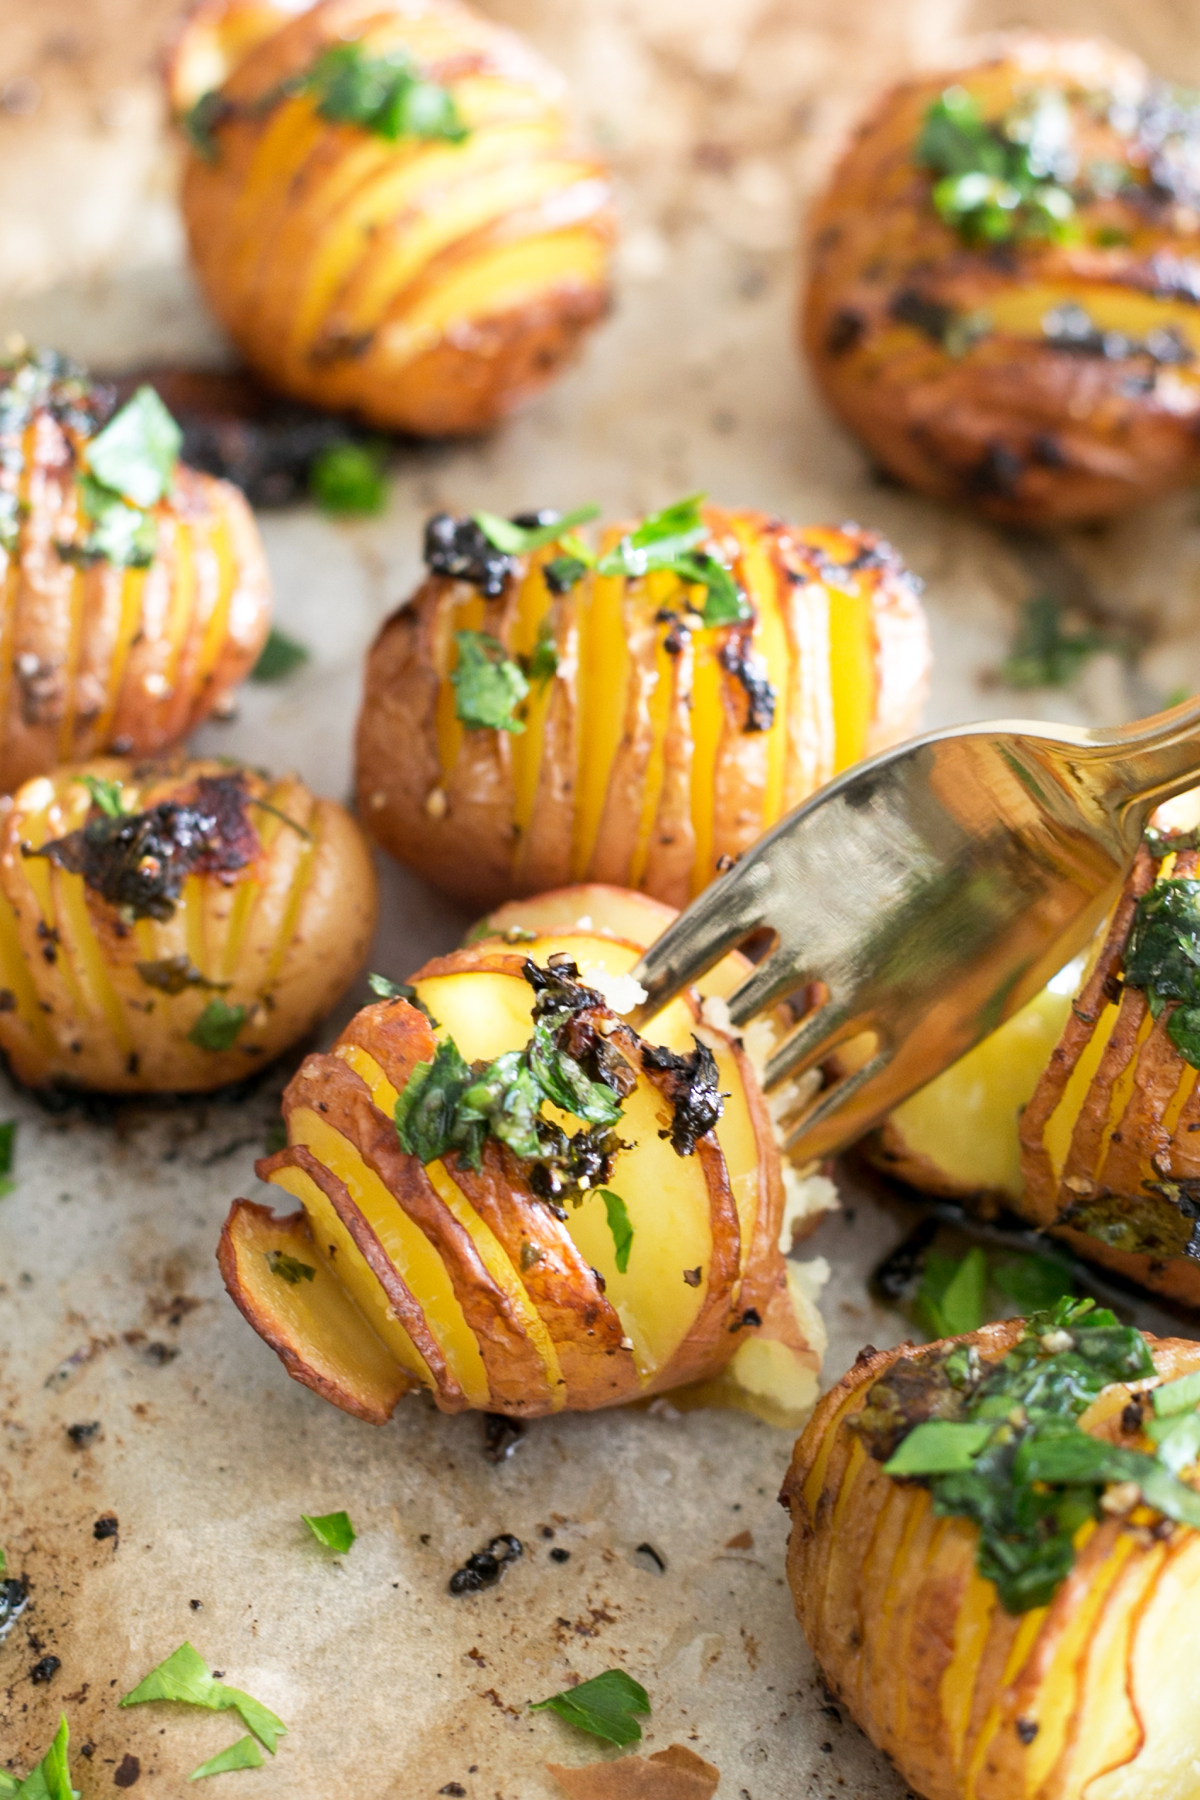 Vegan-Lemon-Garlic-Herb-Roasted-Potatoes-6